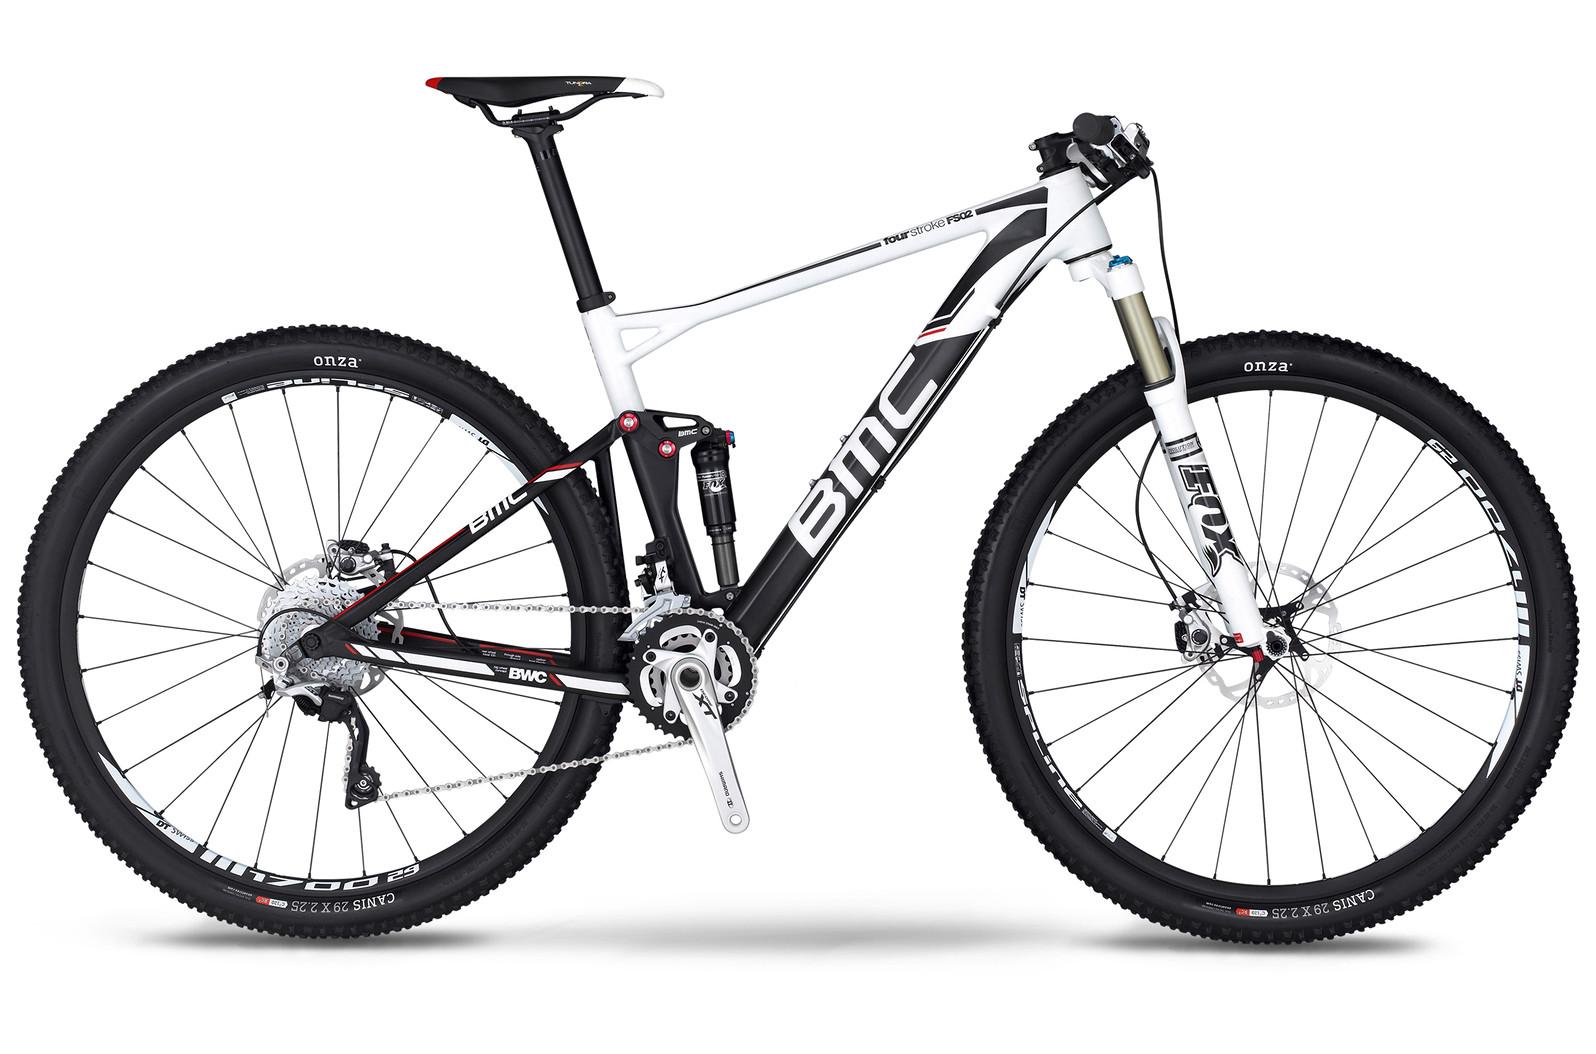 bike - 2014 BMC Fourstroke FS02 29